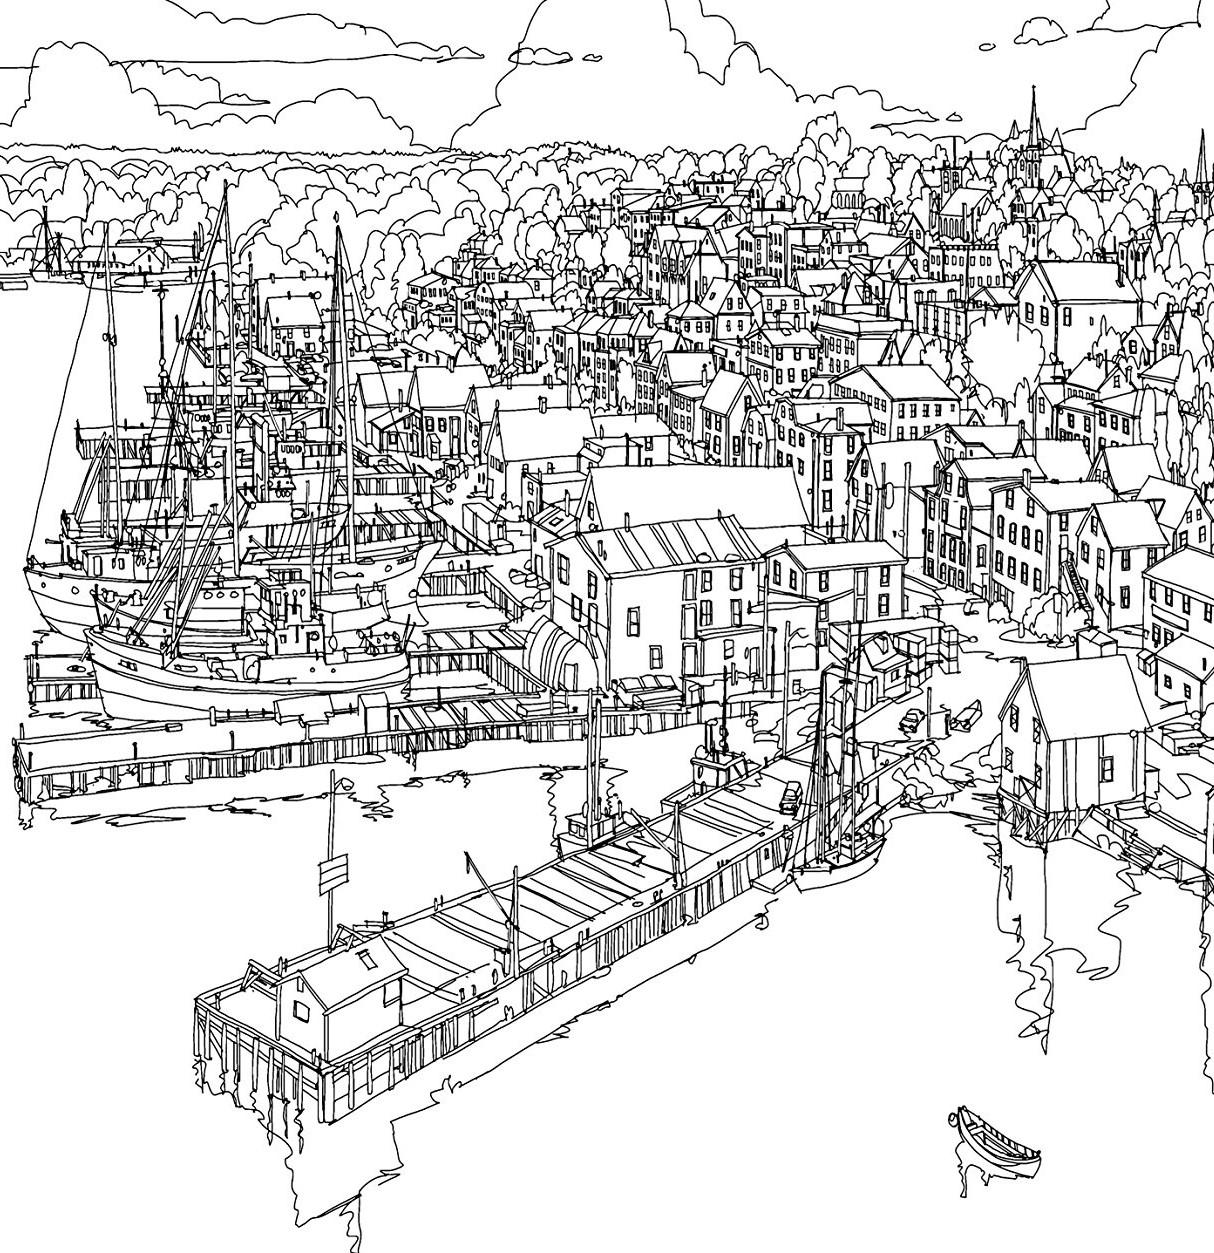 Раскраски сложные для взрослых антистресс «Порт в городе», чтобы распечатать